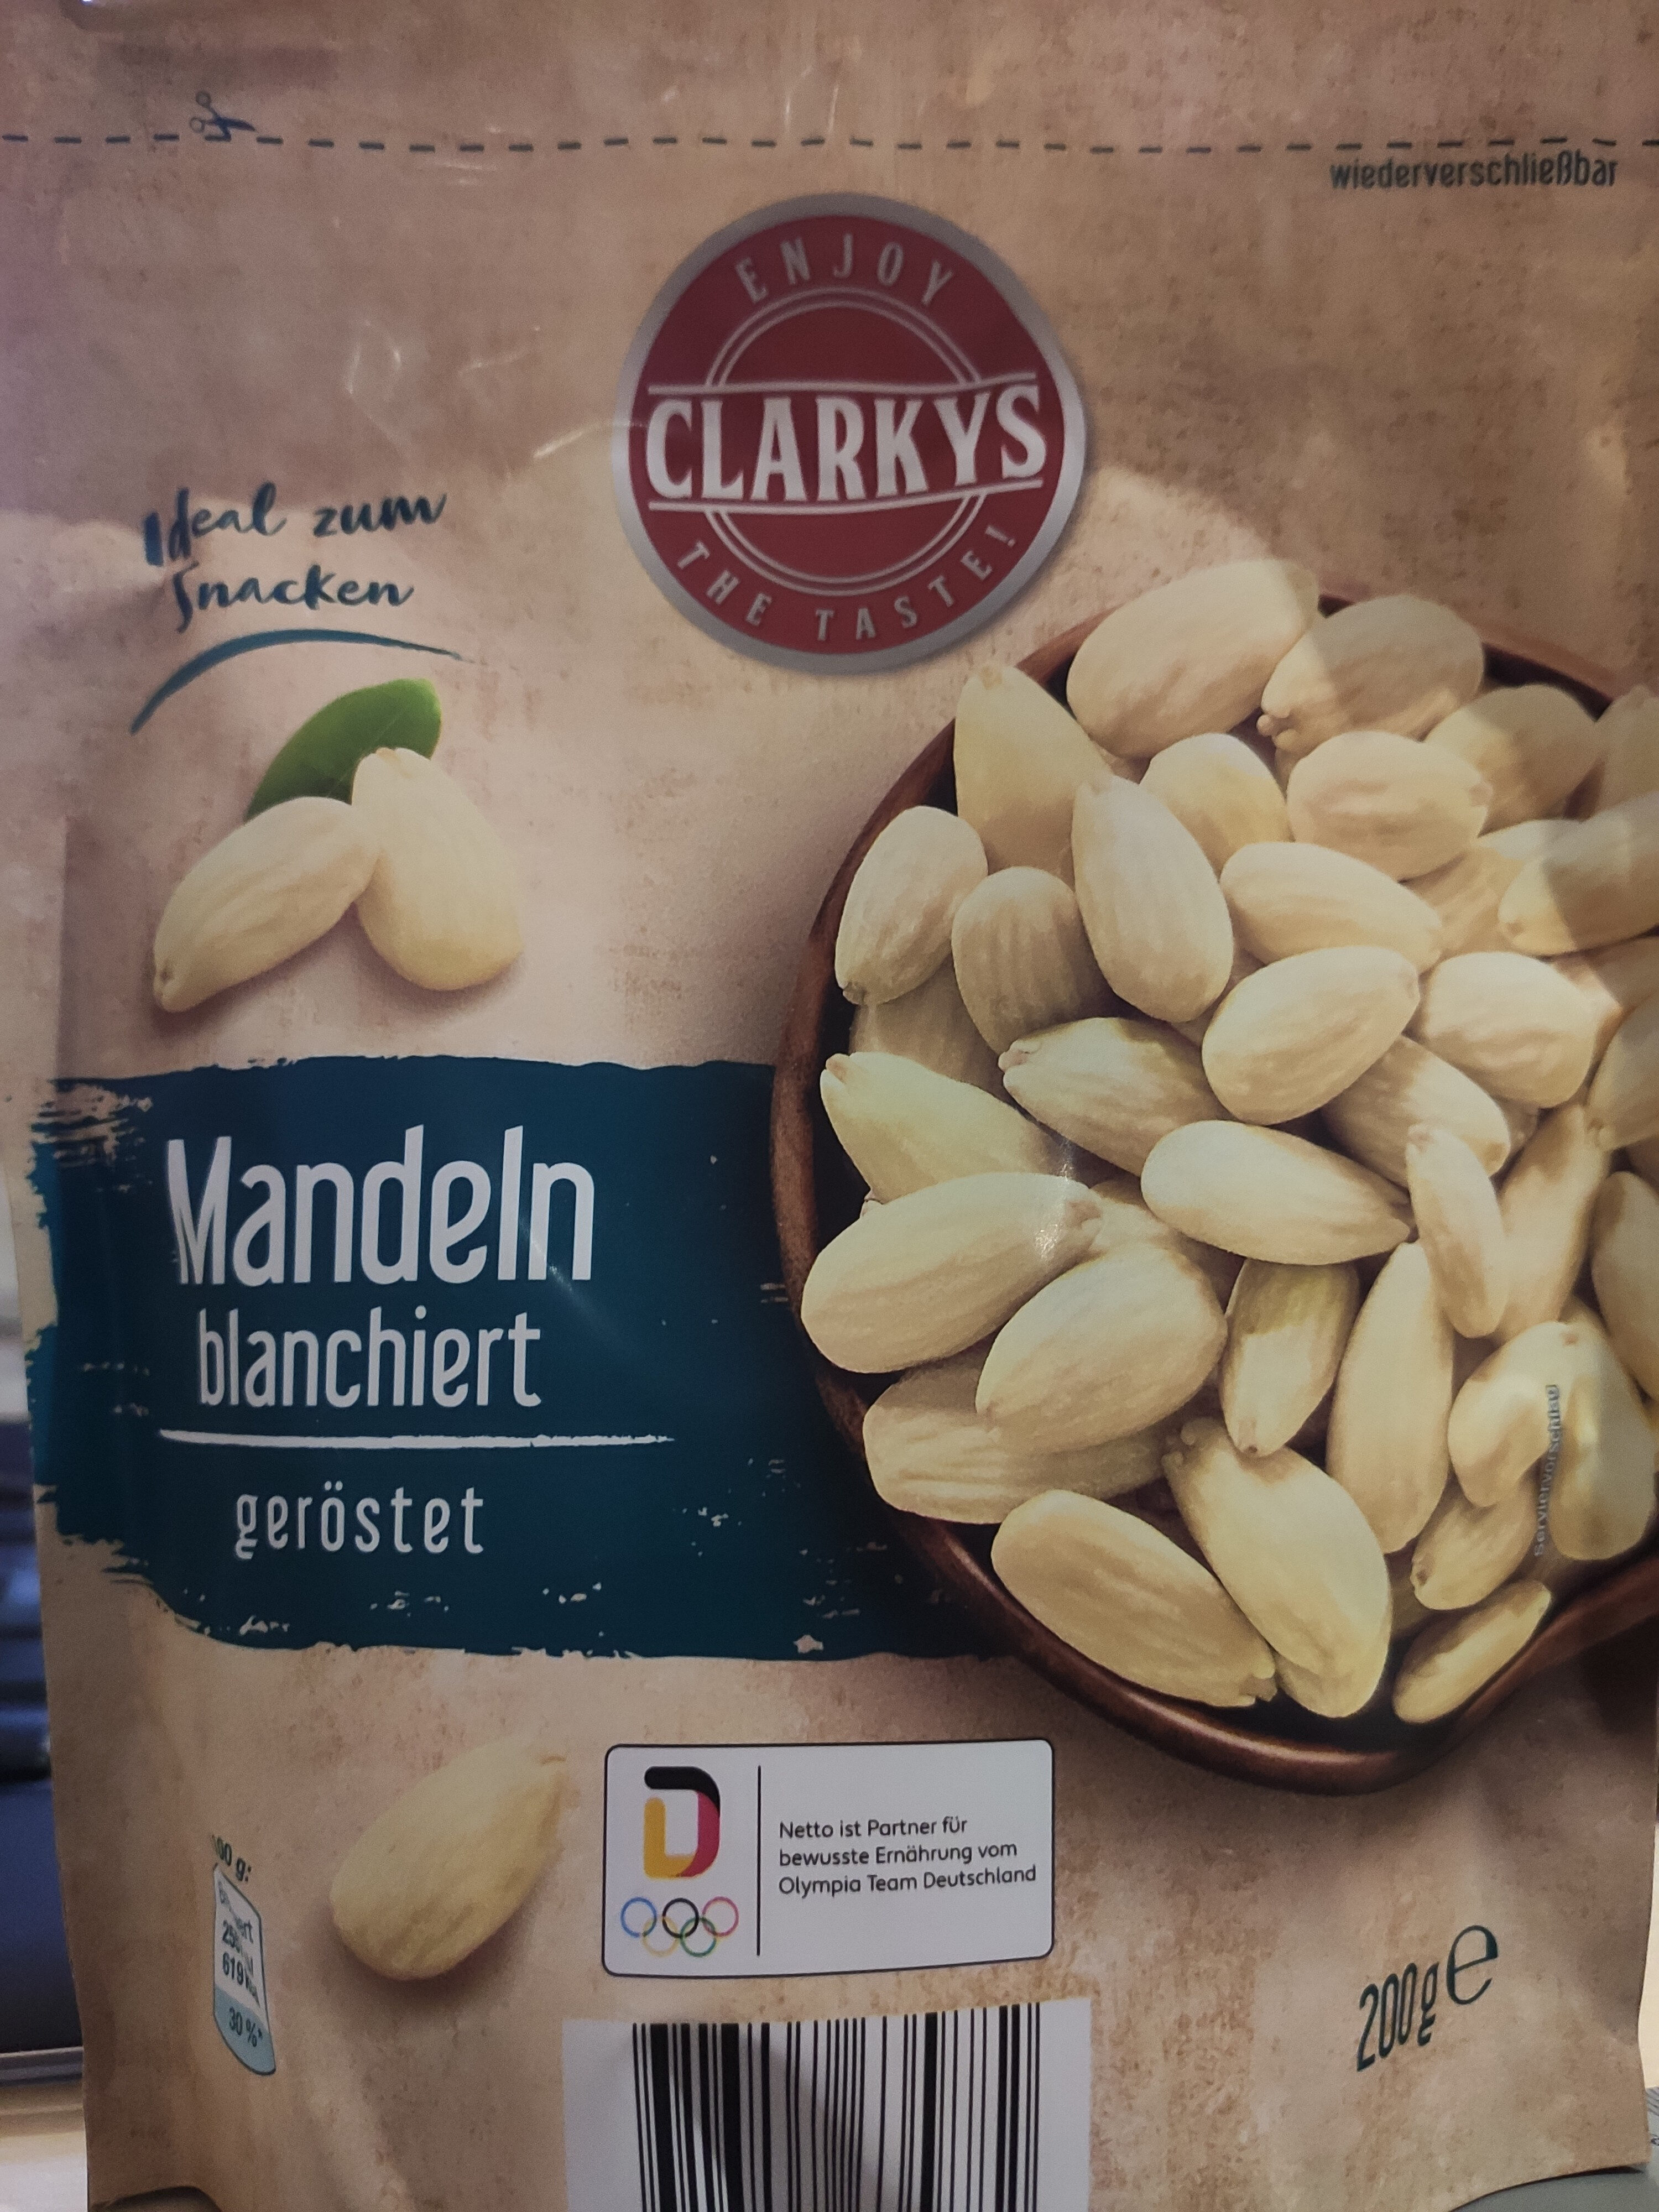 Mandeln blanchiert, geröstet - Product - de